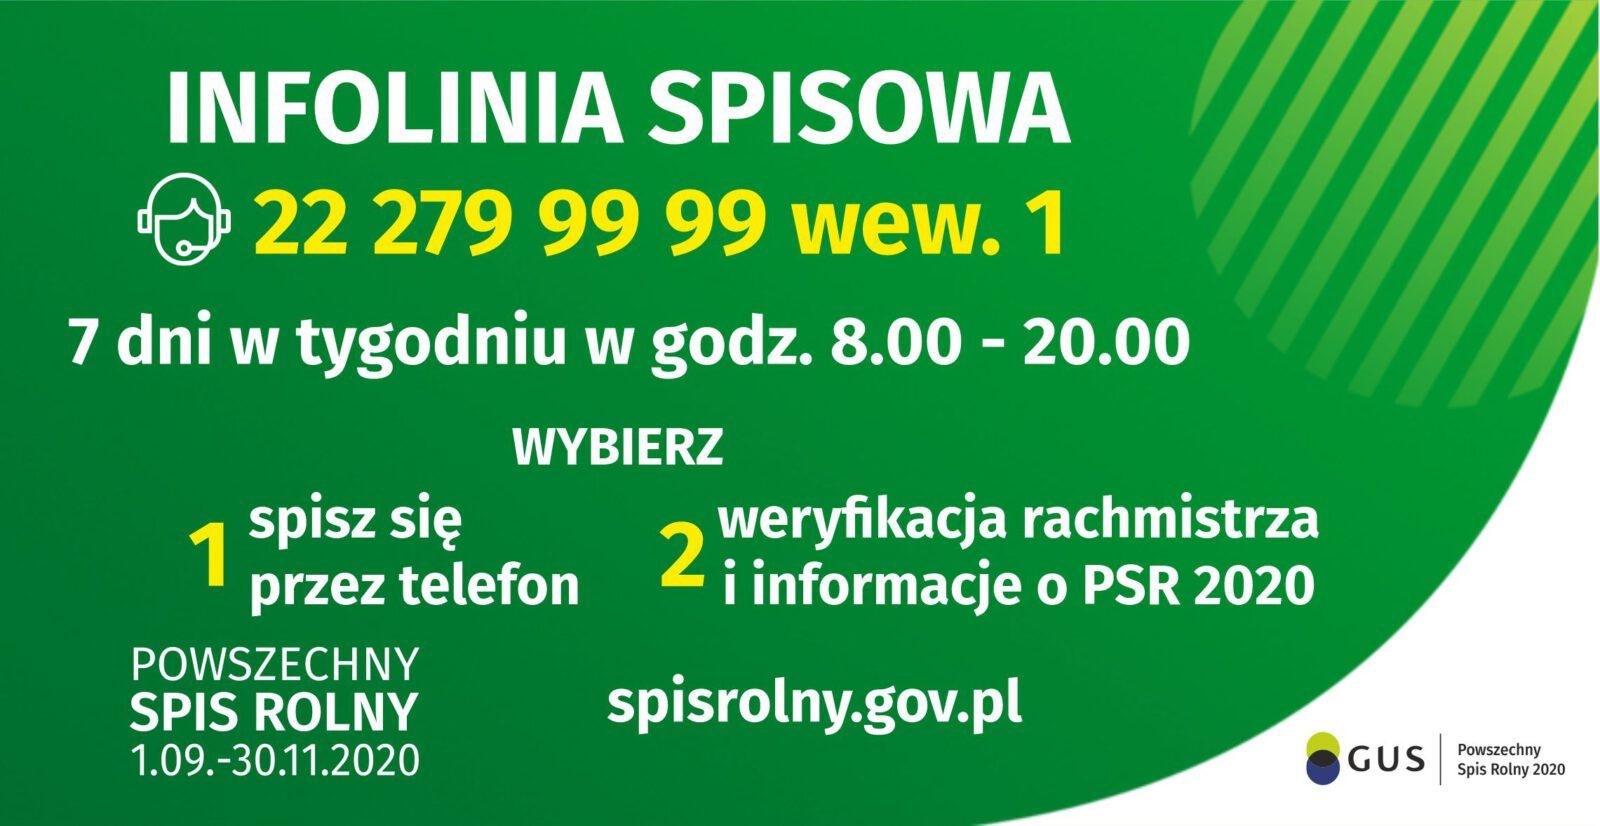 Powszechny spis rolny - infolinia 22 2799999 wew 1